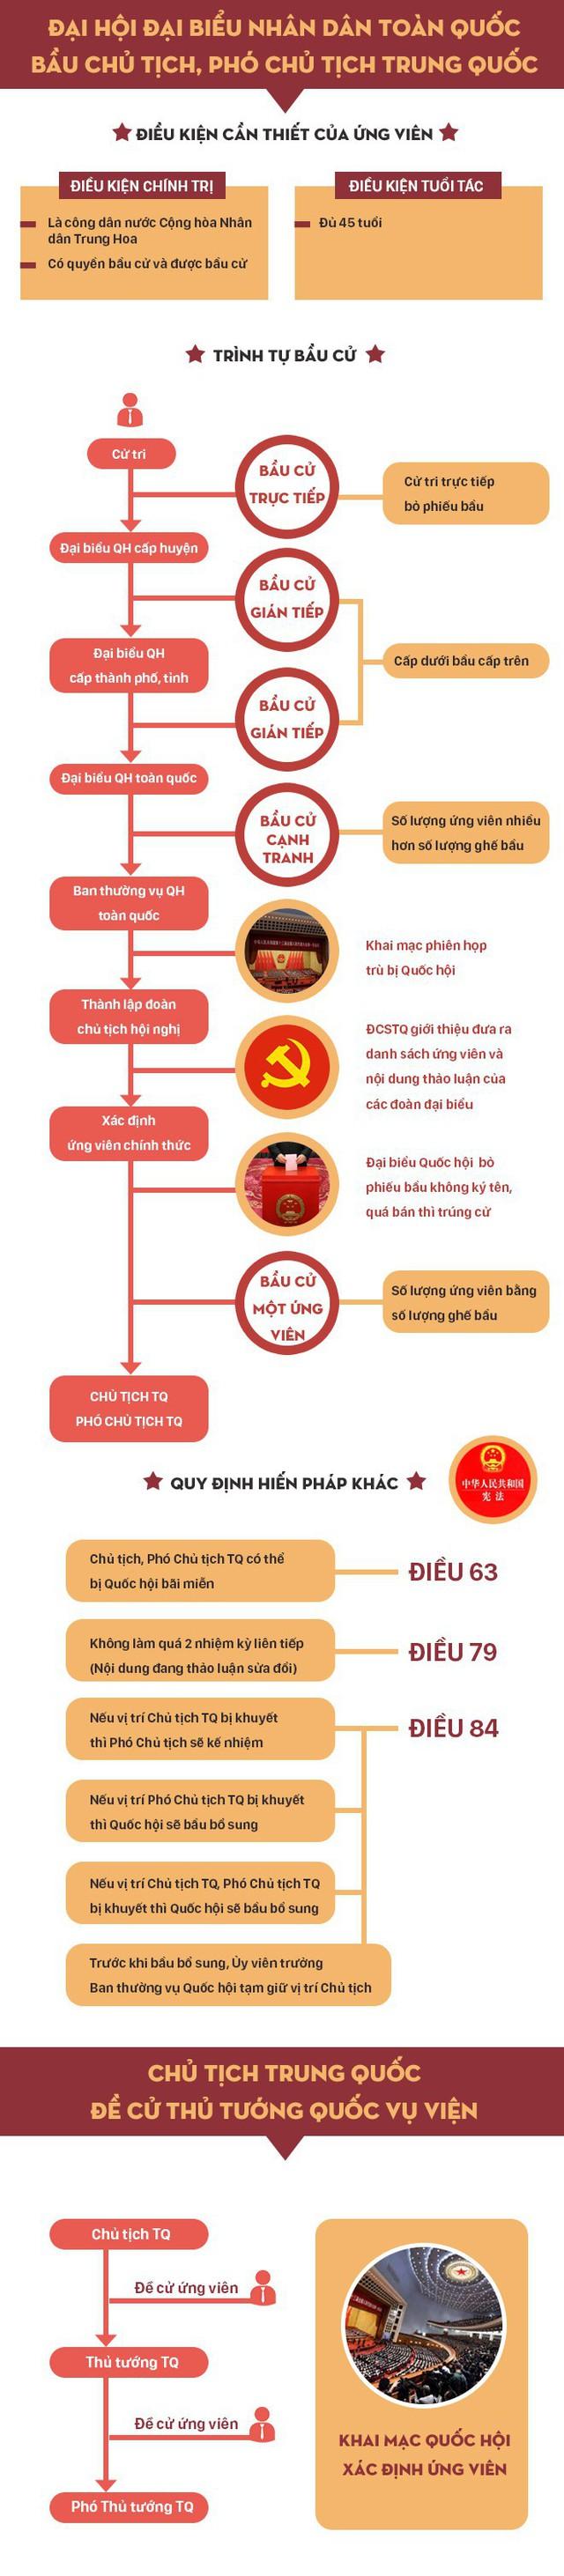 [Infographic] Chủ tịch, Phó Chủ tịch, Thủ tướng Trung Quốc được bầu như thế nào? - Ảnh 1.